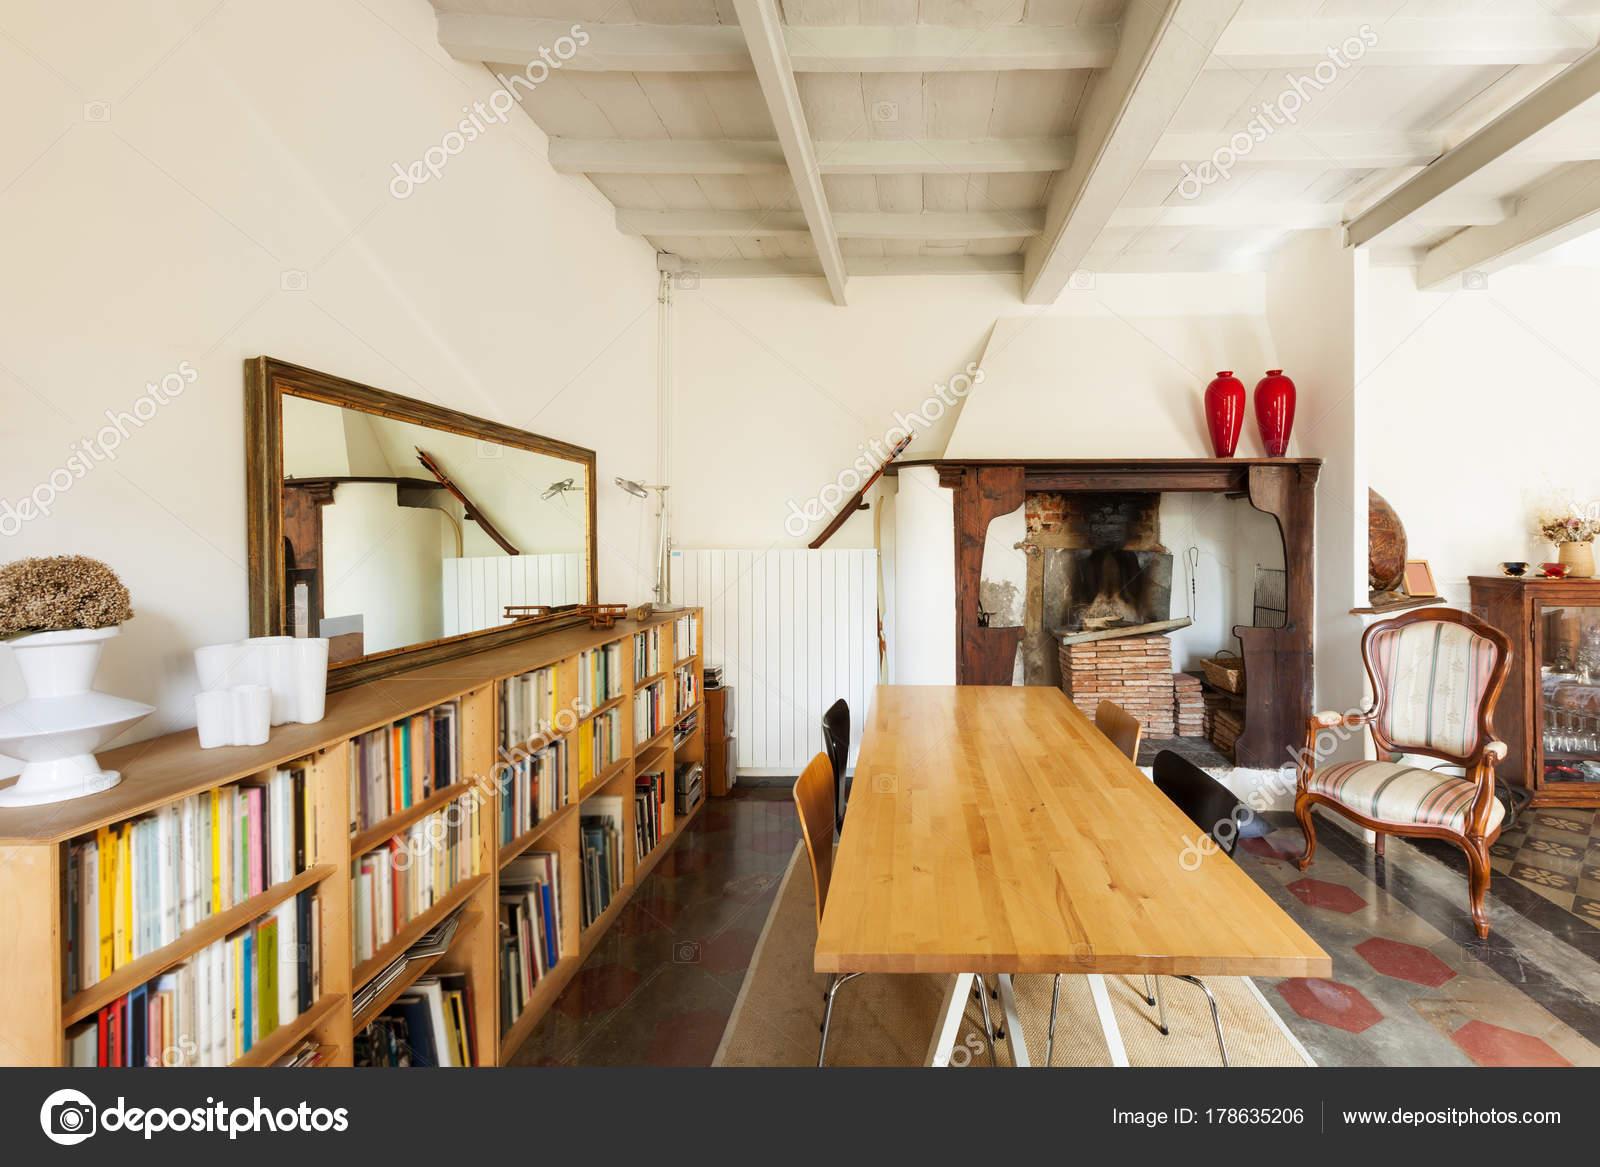 mooie loft interieur stockfoto zveiger 178635206